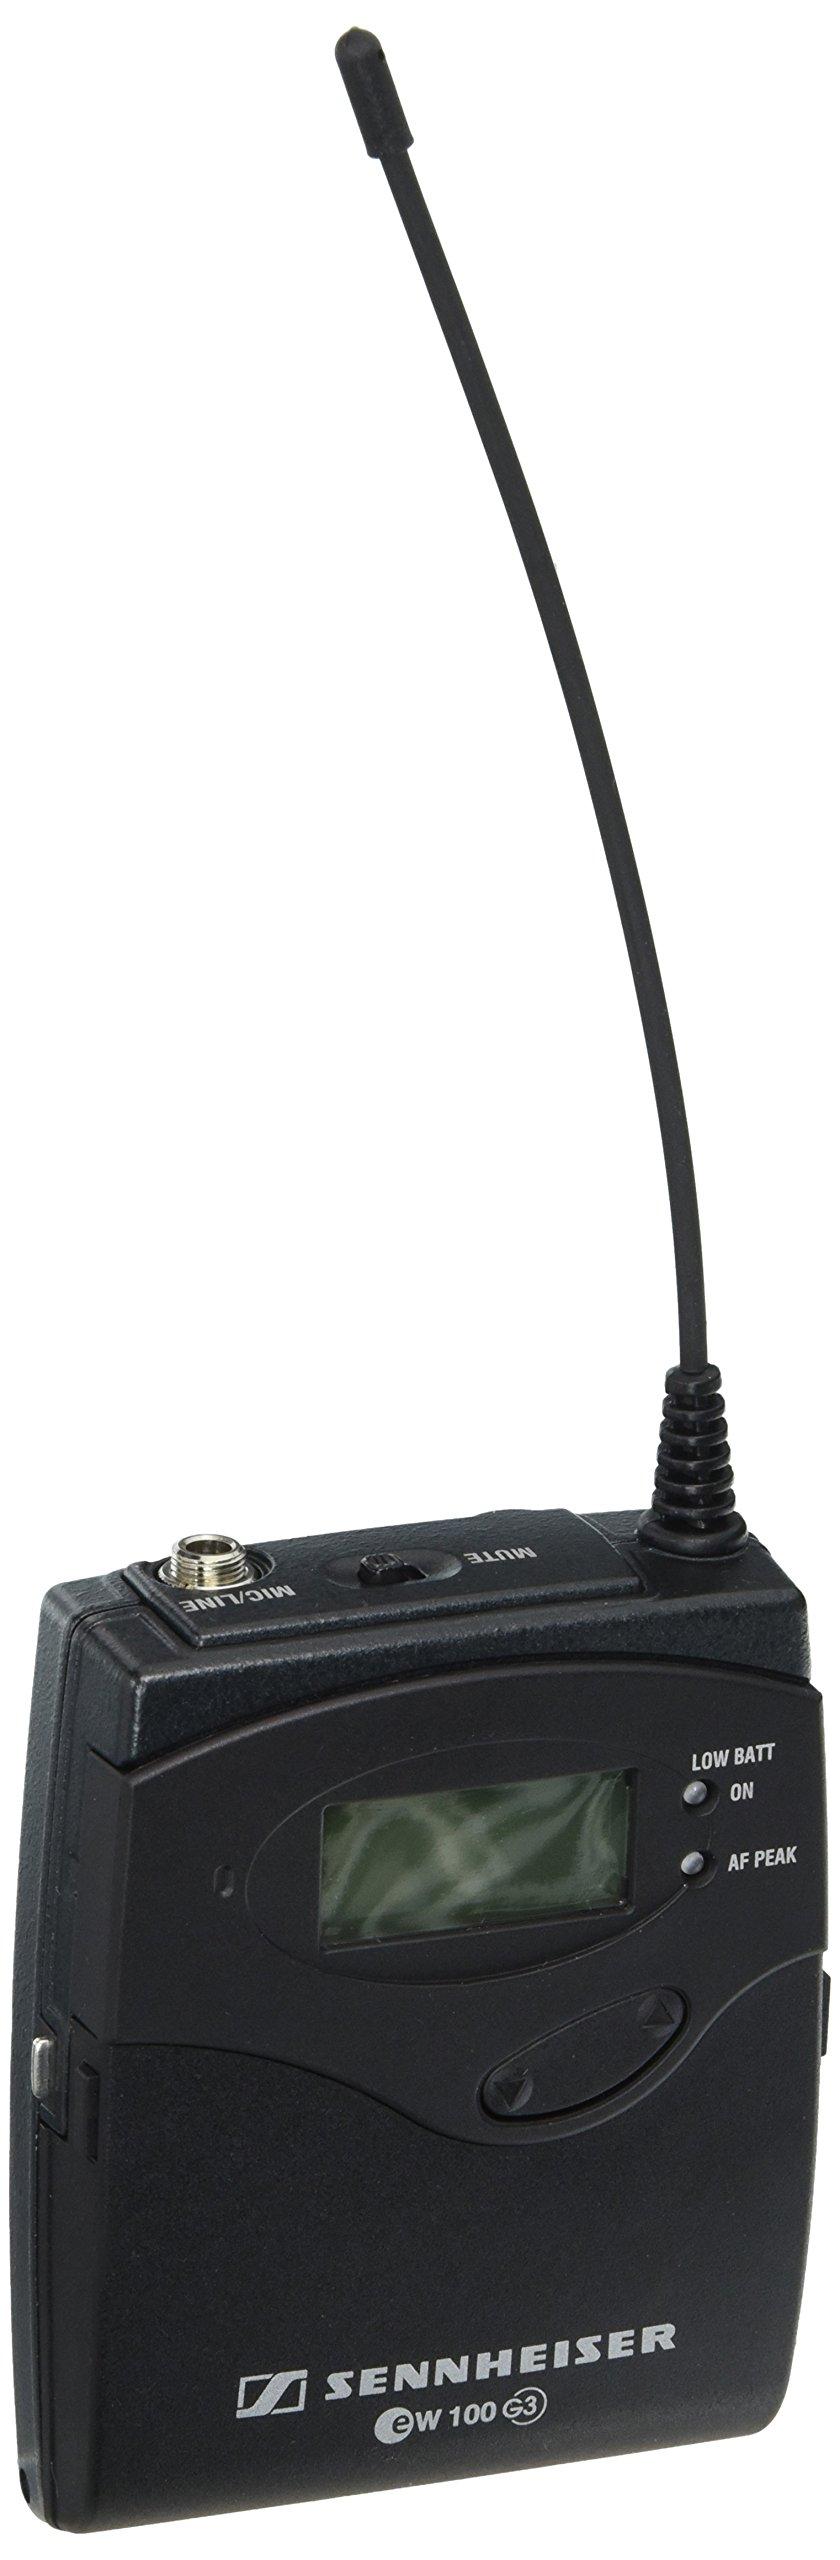 Sennheiser SK100G3-A 516-558Mhz Body Pack